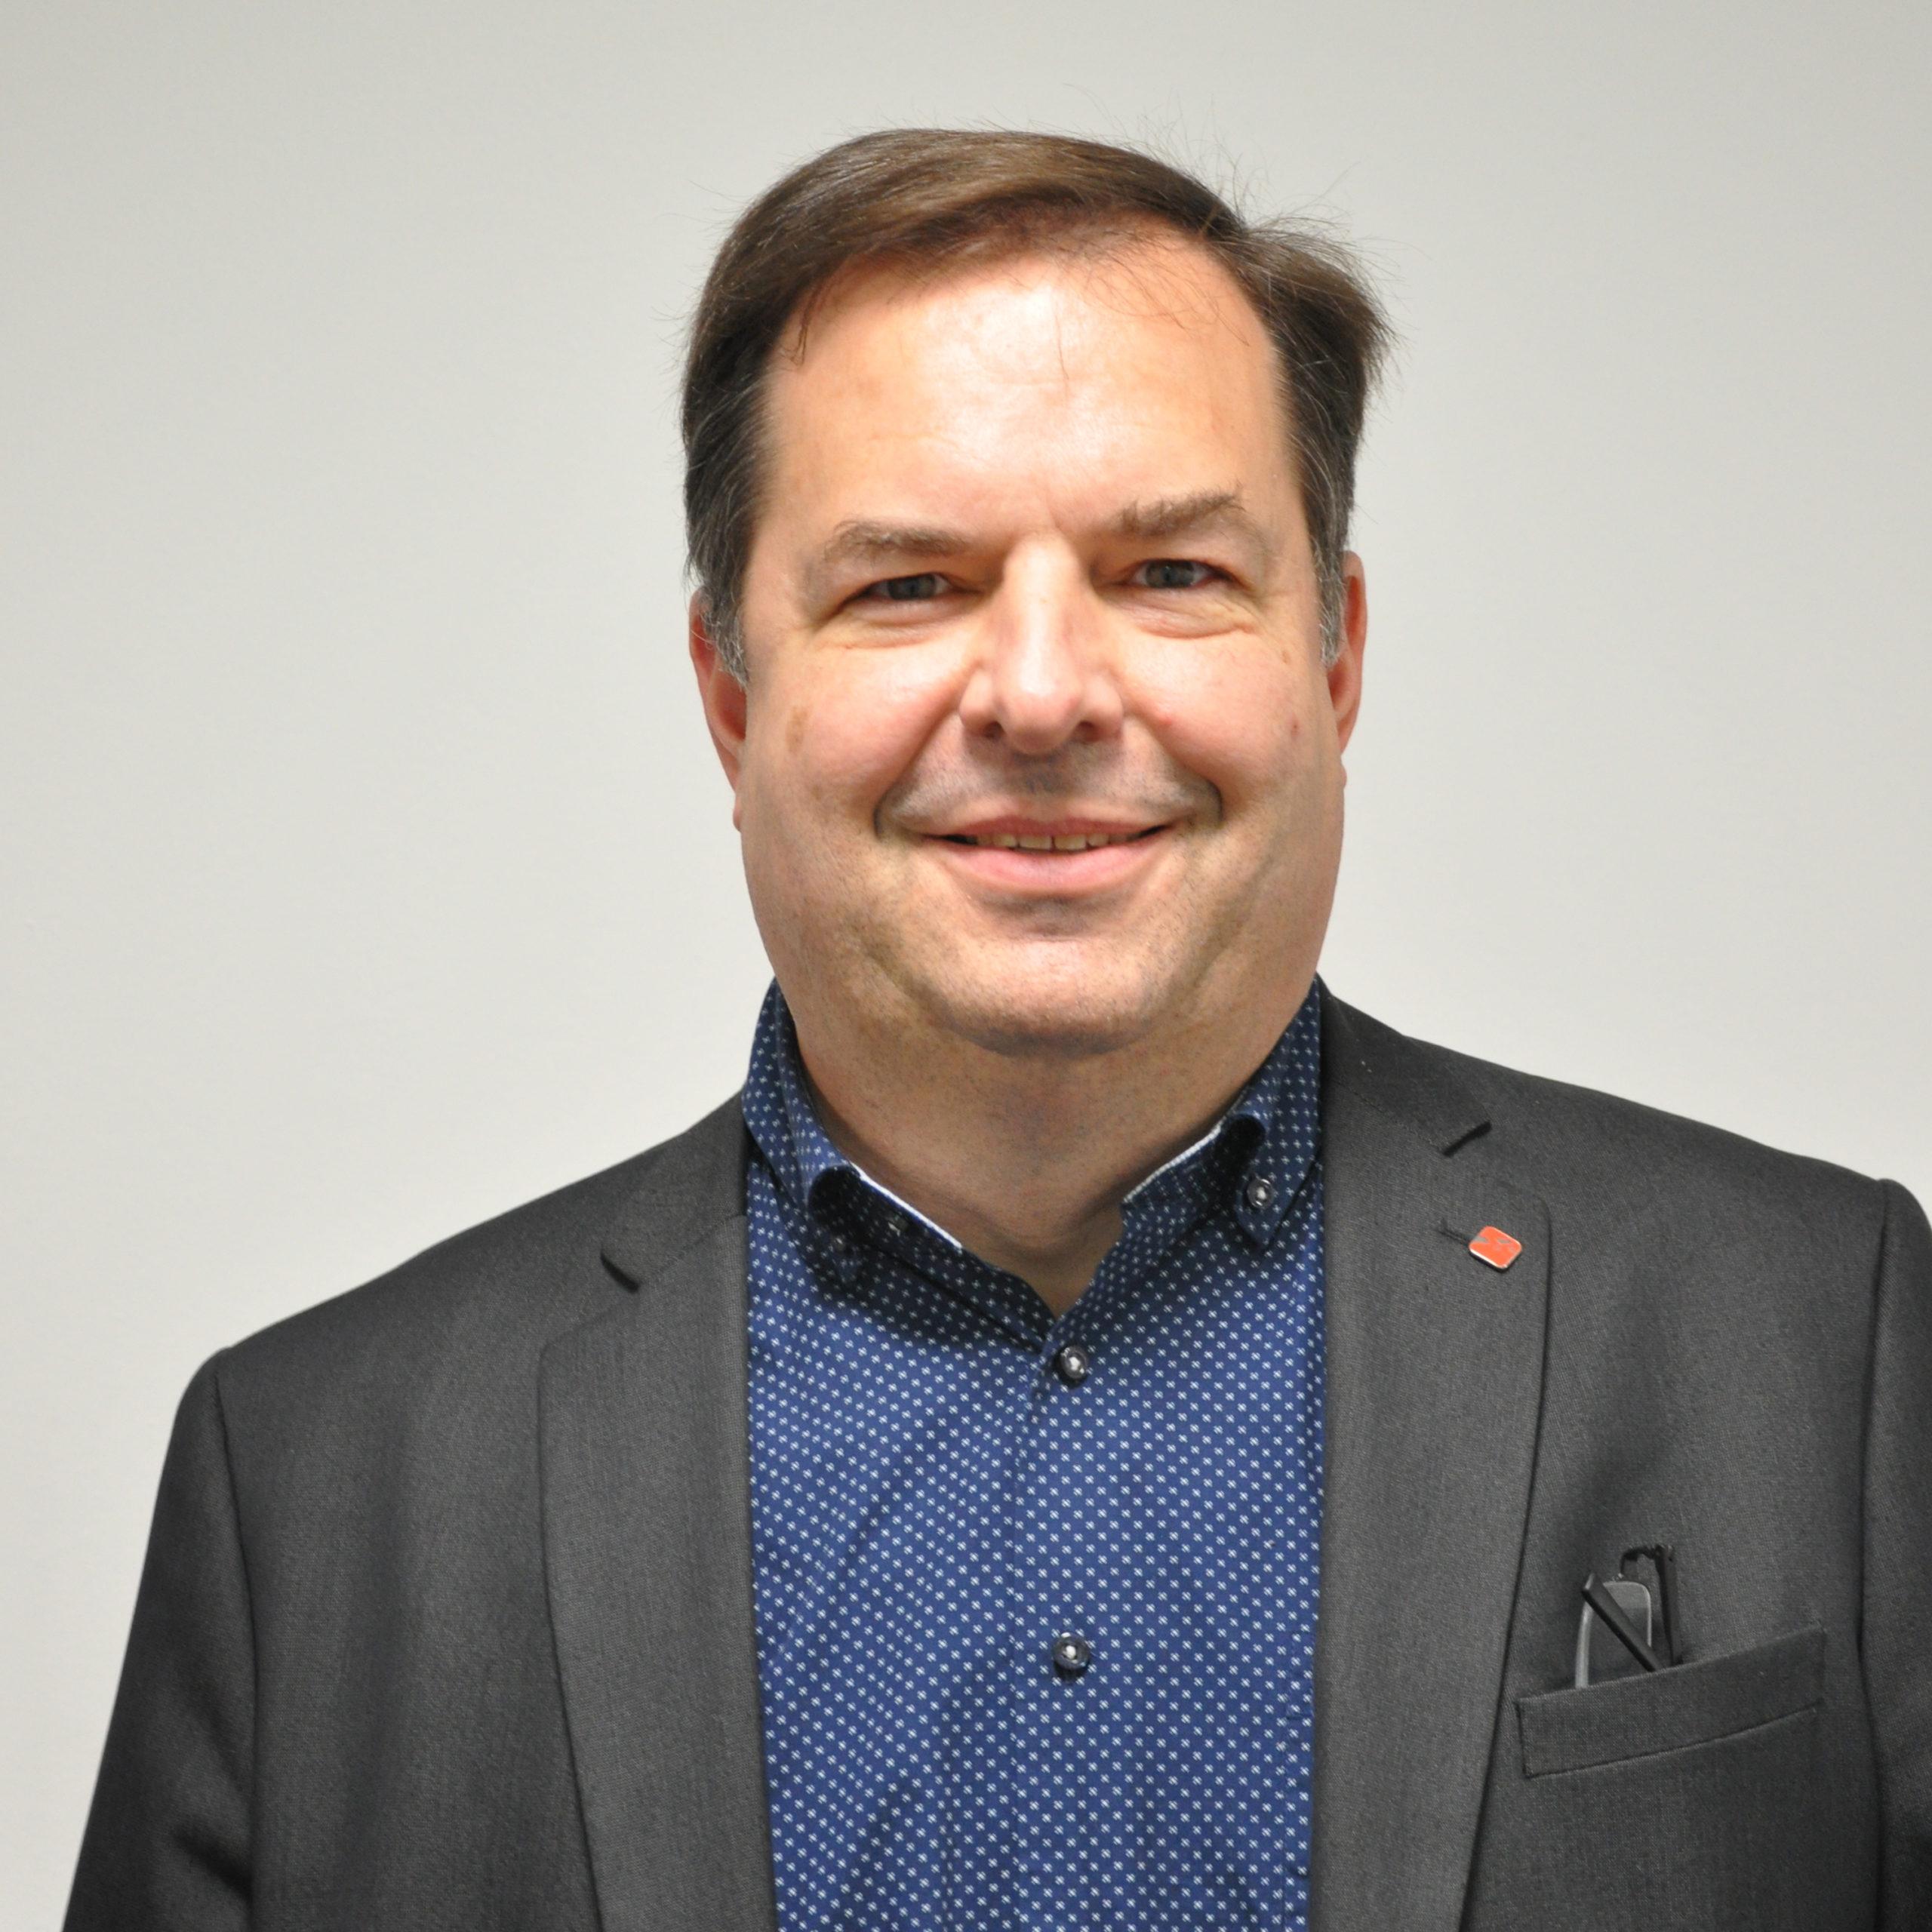 Volker Gass